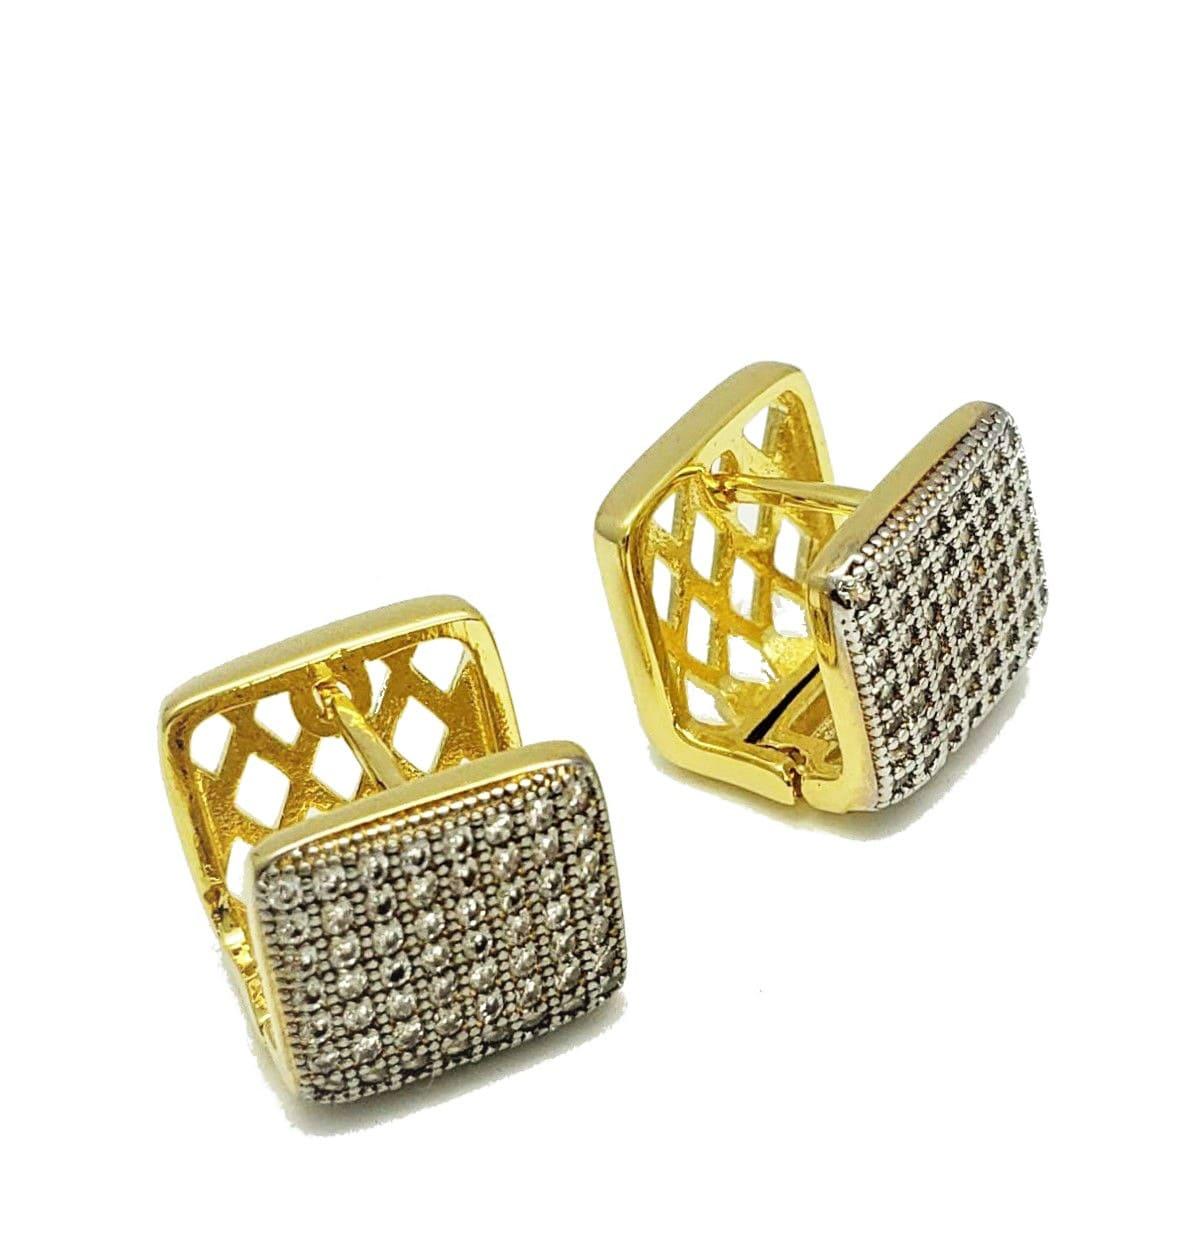 Brincos Cubo Cravação Pavé De Zirconias Banho De Ouro 18k 4551